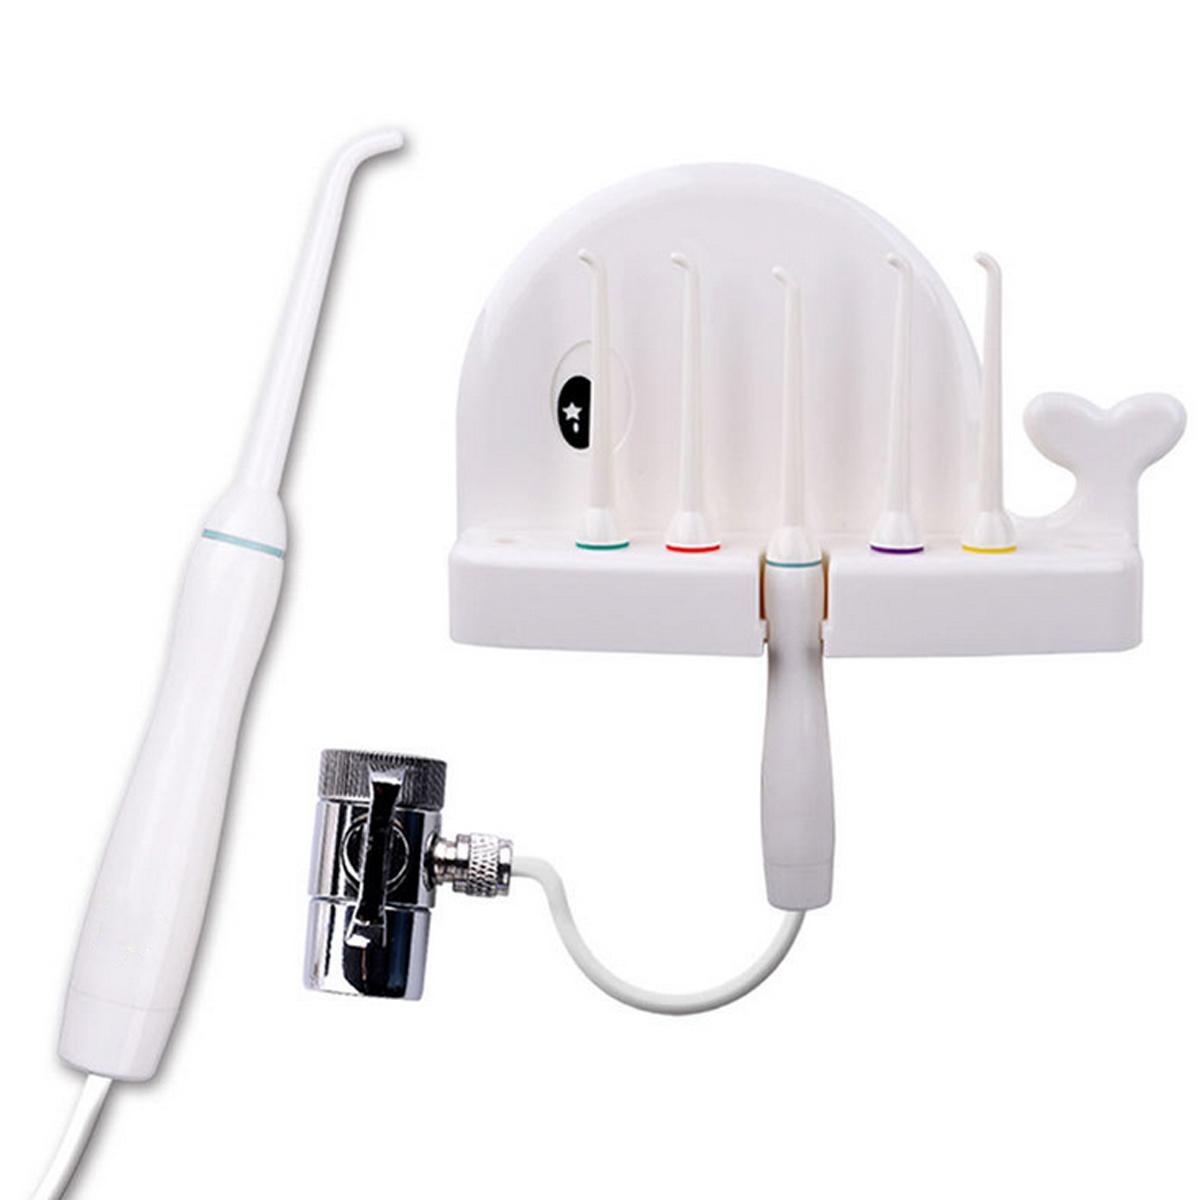 Portable Dental Faucet Water  Oral Irrigator Cordless Dental Water Jet Set Teeth  Water Dental Pick Oral Irrigation